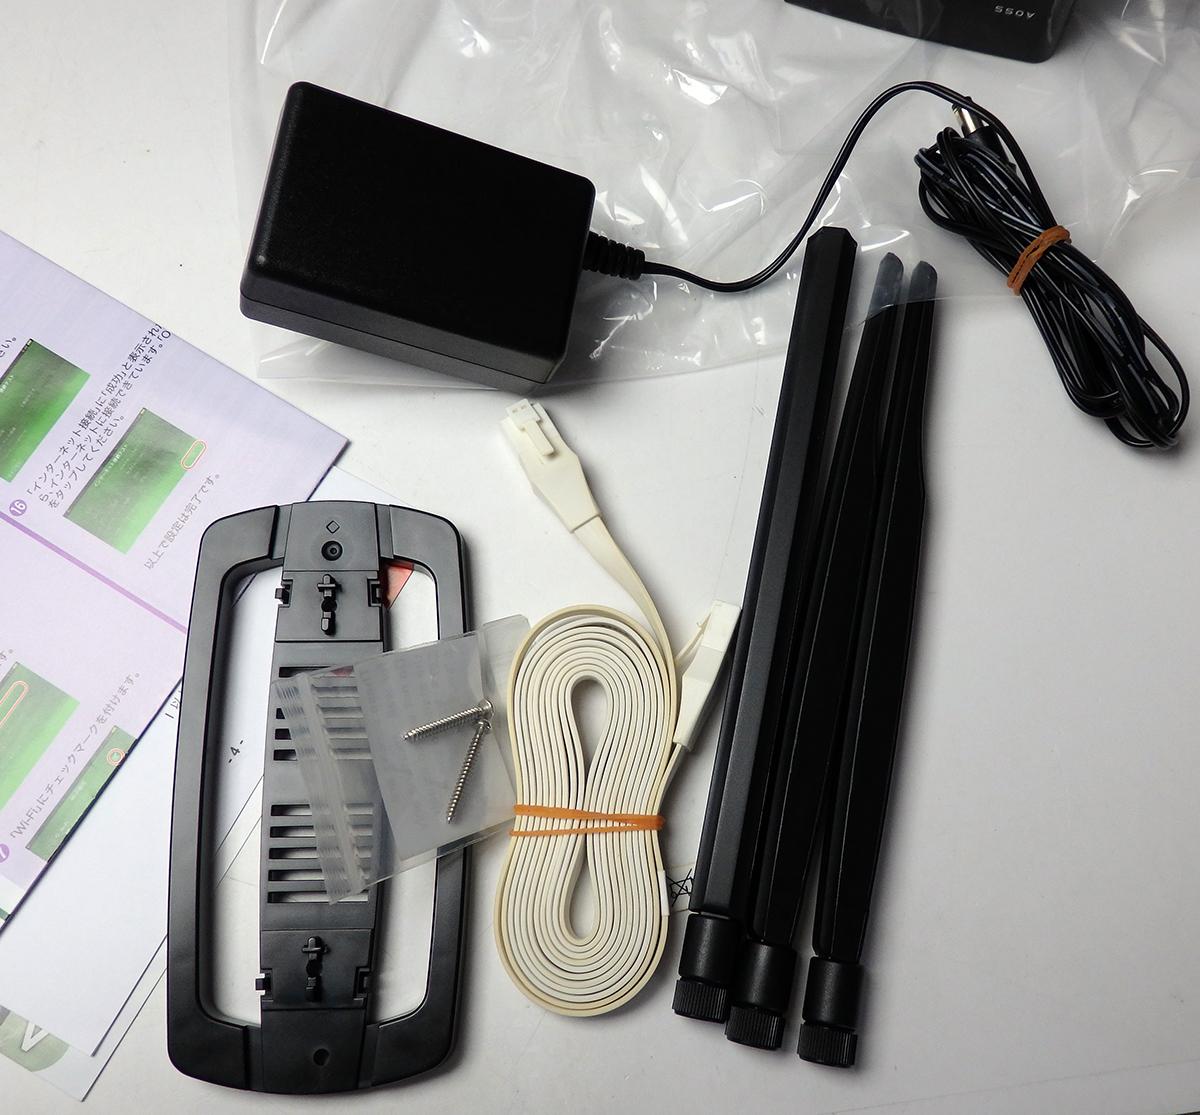 中古動作品 BUFFALO WZR-450HP-C AirStation HighPower 無線LAN/ルーター_画像4